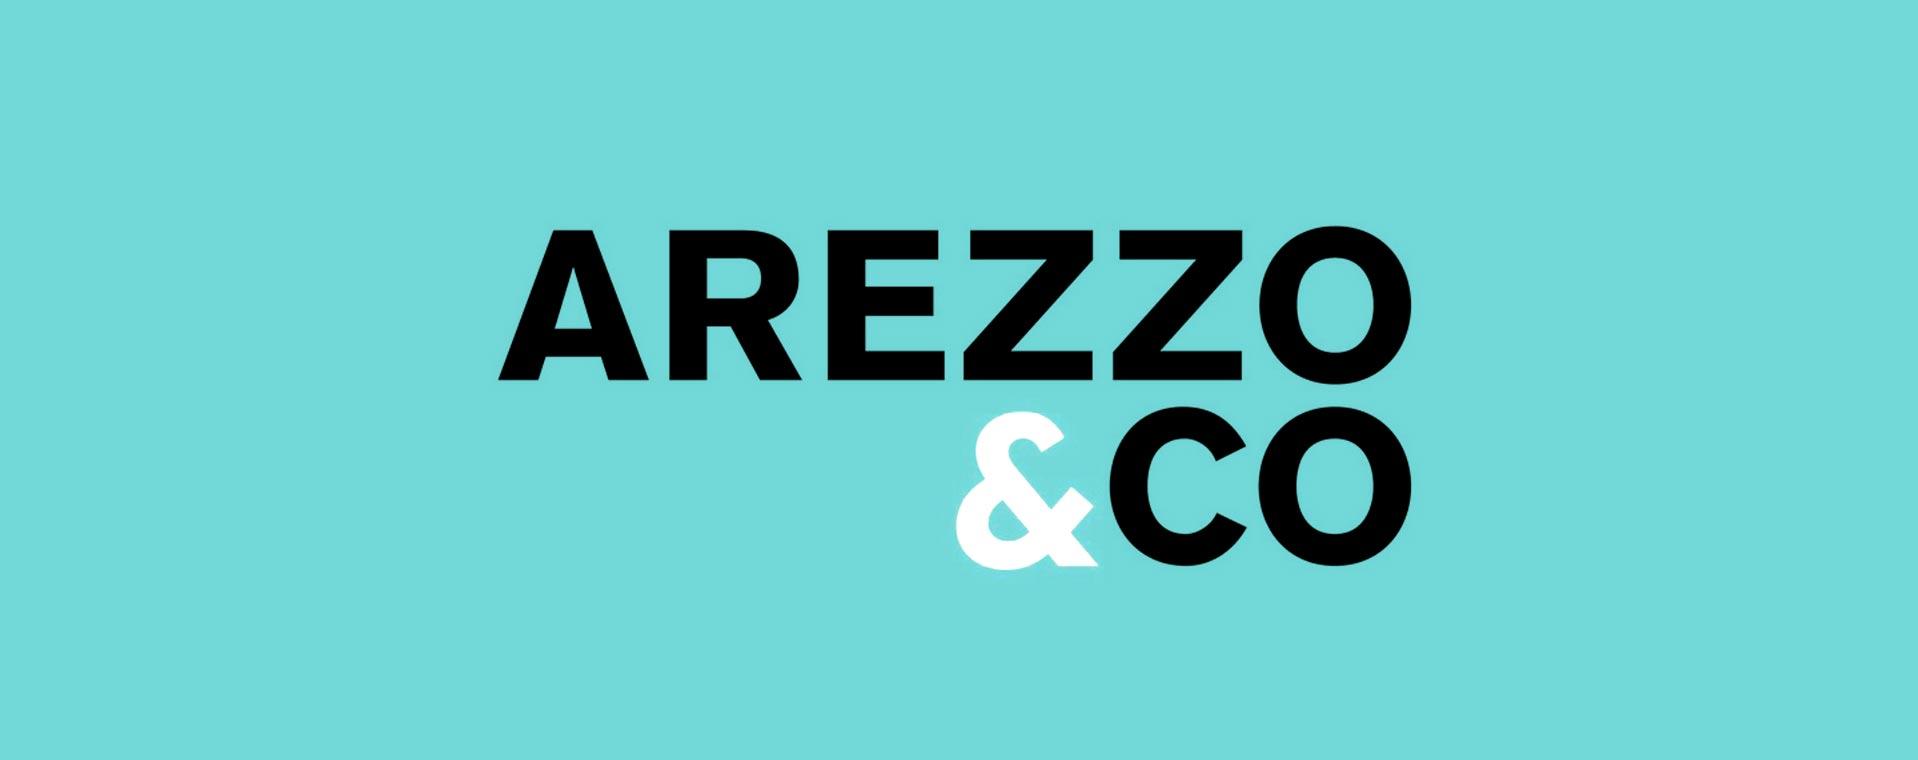 AREZZO&CO